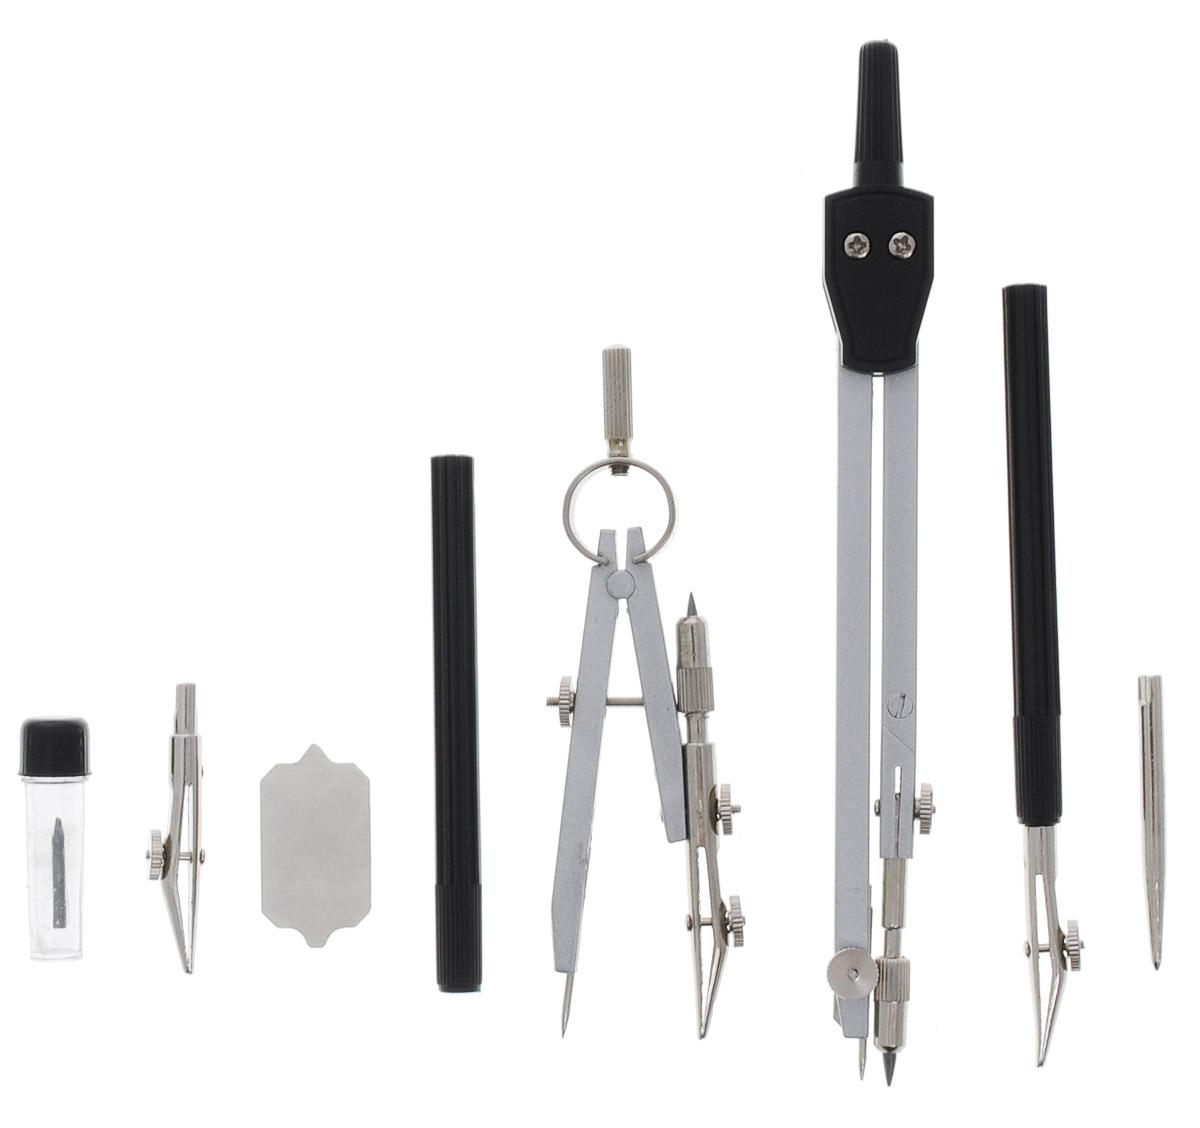 Готовальня Perfecta Studio включает в себя циркуль с пластиковым держателем и грифелем, кронциркуль с рейсфедером, дополнительный рейсфедер, двухстороннюю металлическую отвертку, игольную вставку, рейсфедер с держателем, запасной грифель, удлинитель для циркуля. Благодаря высокому качеству материалов и сборки, надежные чертежные инструменты Perfecta прослужат вам много лет. Отличный выбор и для учащихся, и для профессионалов. Предметы упакованы в пластиковый футляр с прозрачной крышкой.